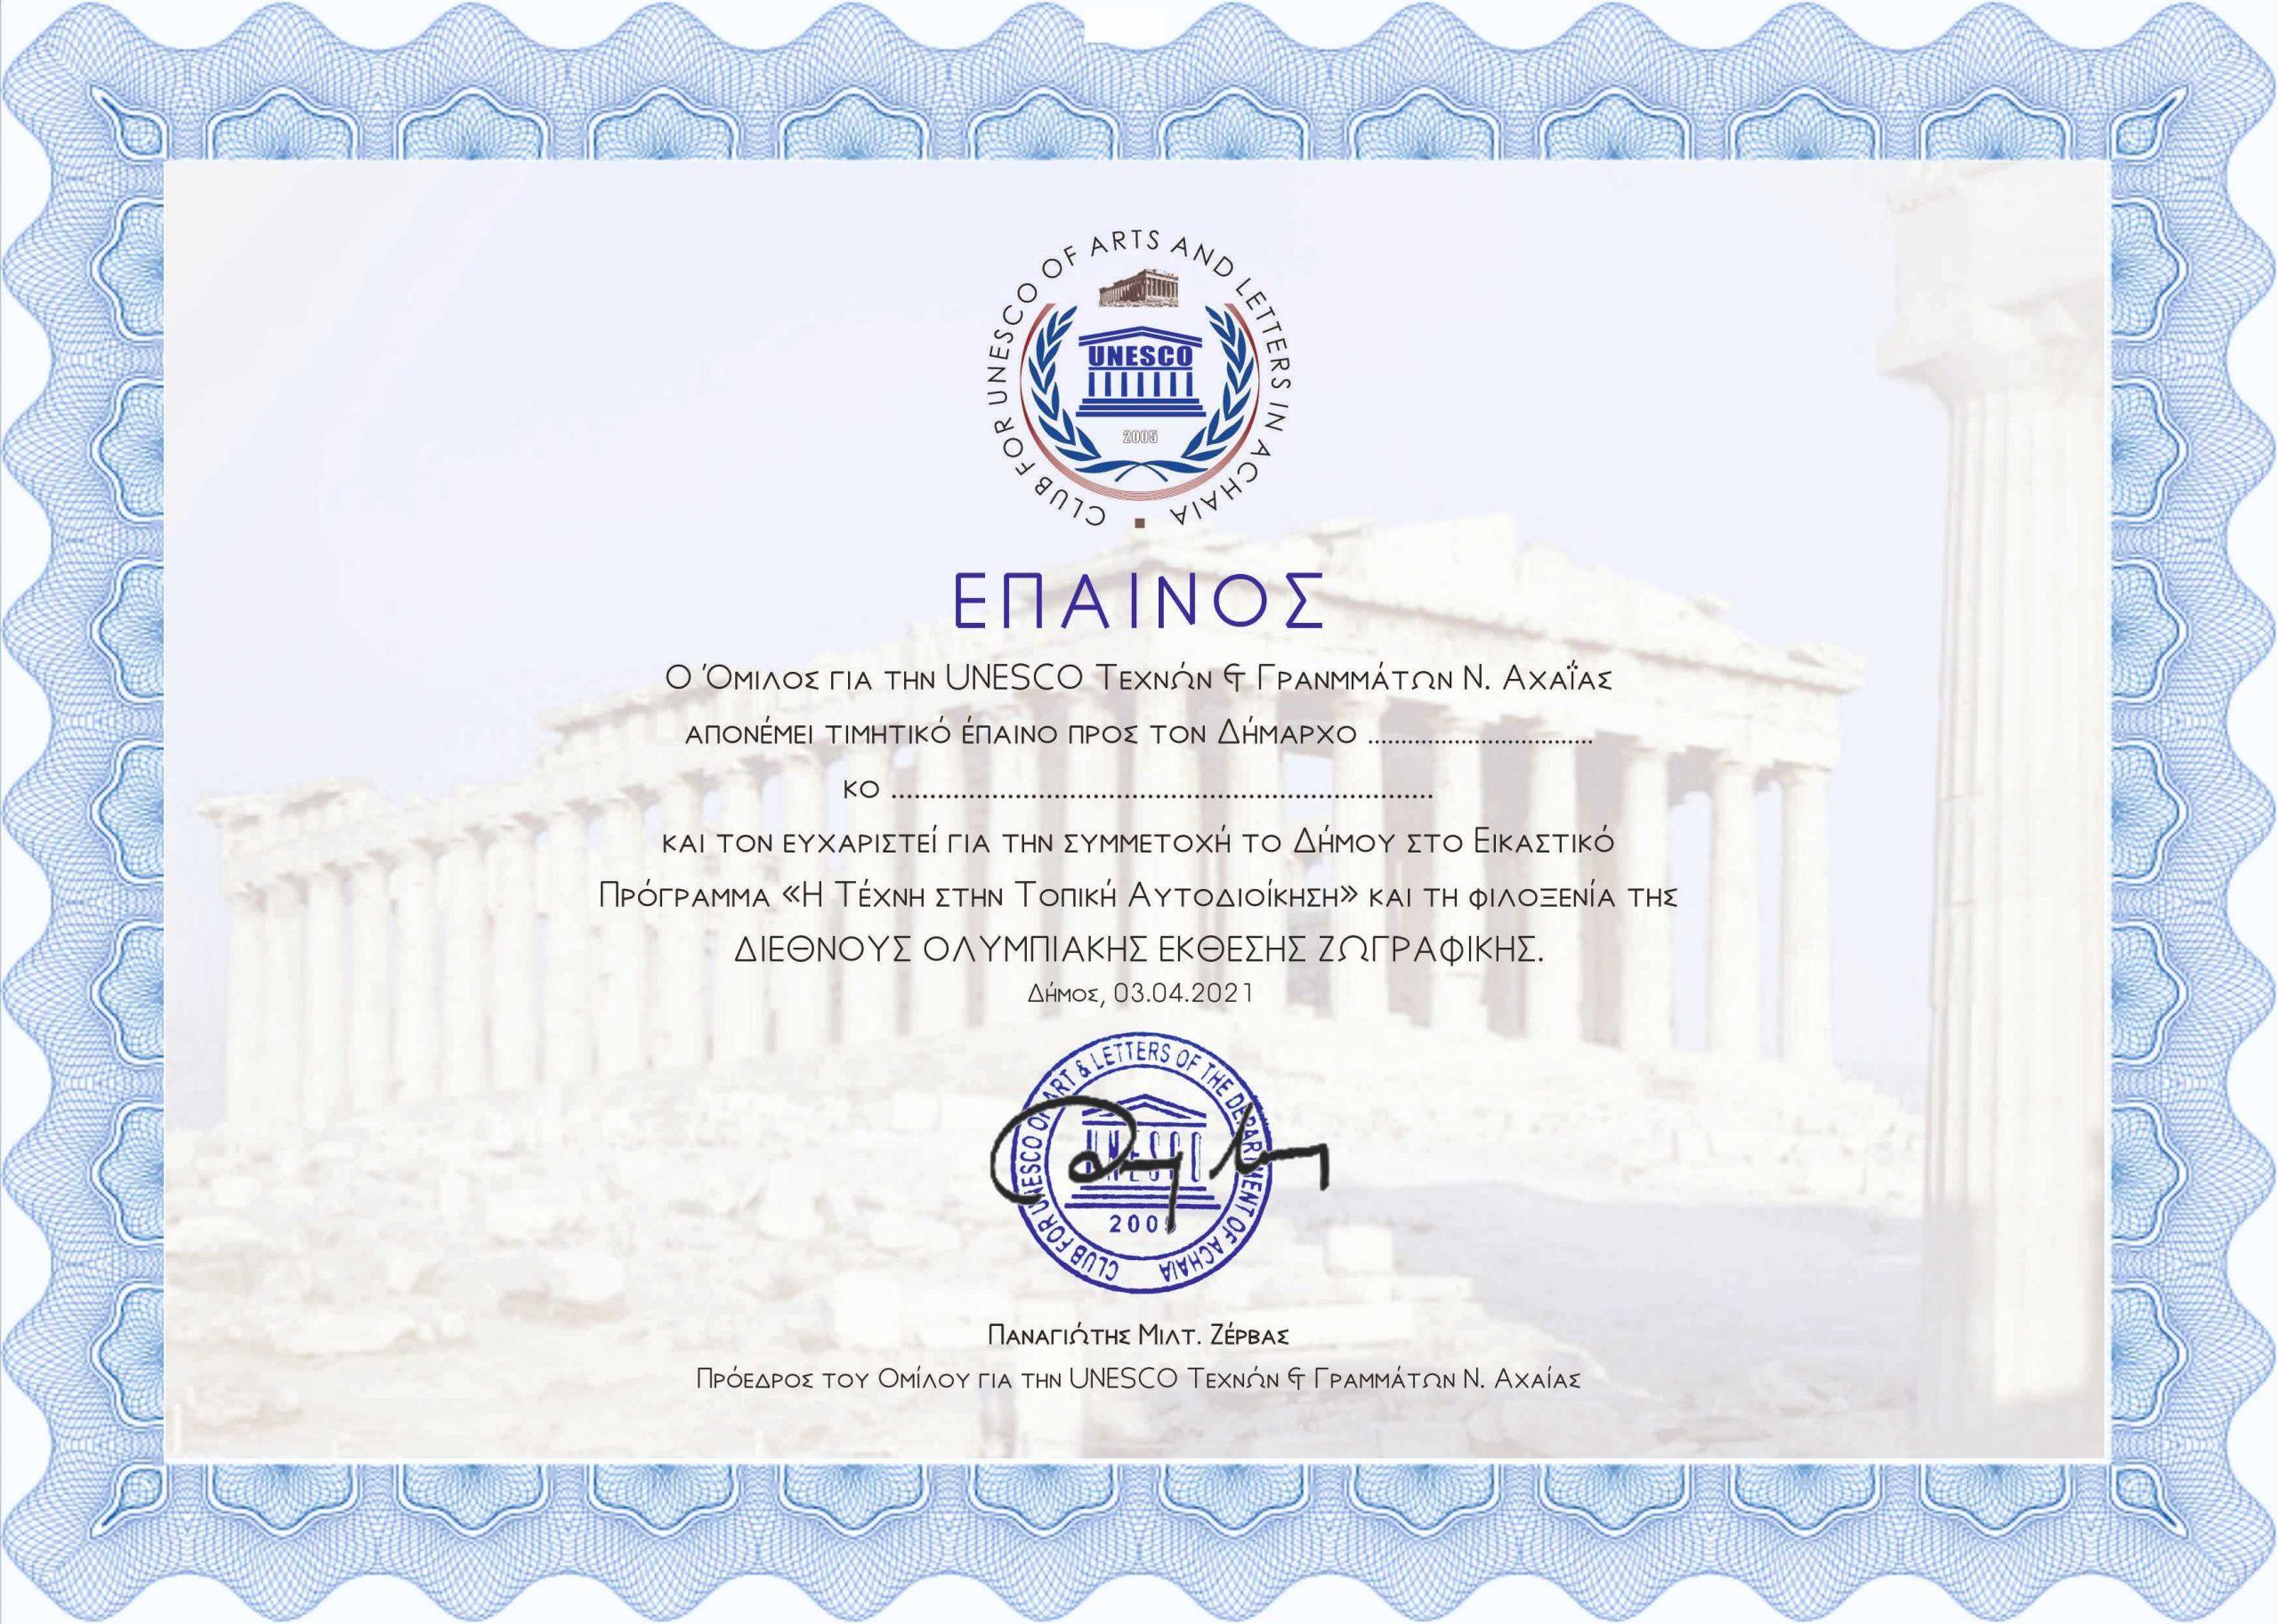 ΒΡΑΒΕΙΟ ΔΗΜΑΡΧΟΣ UNESCO